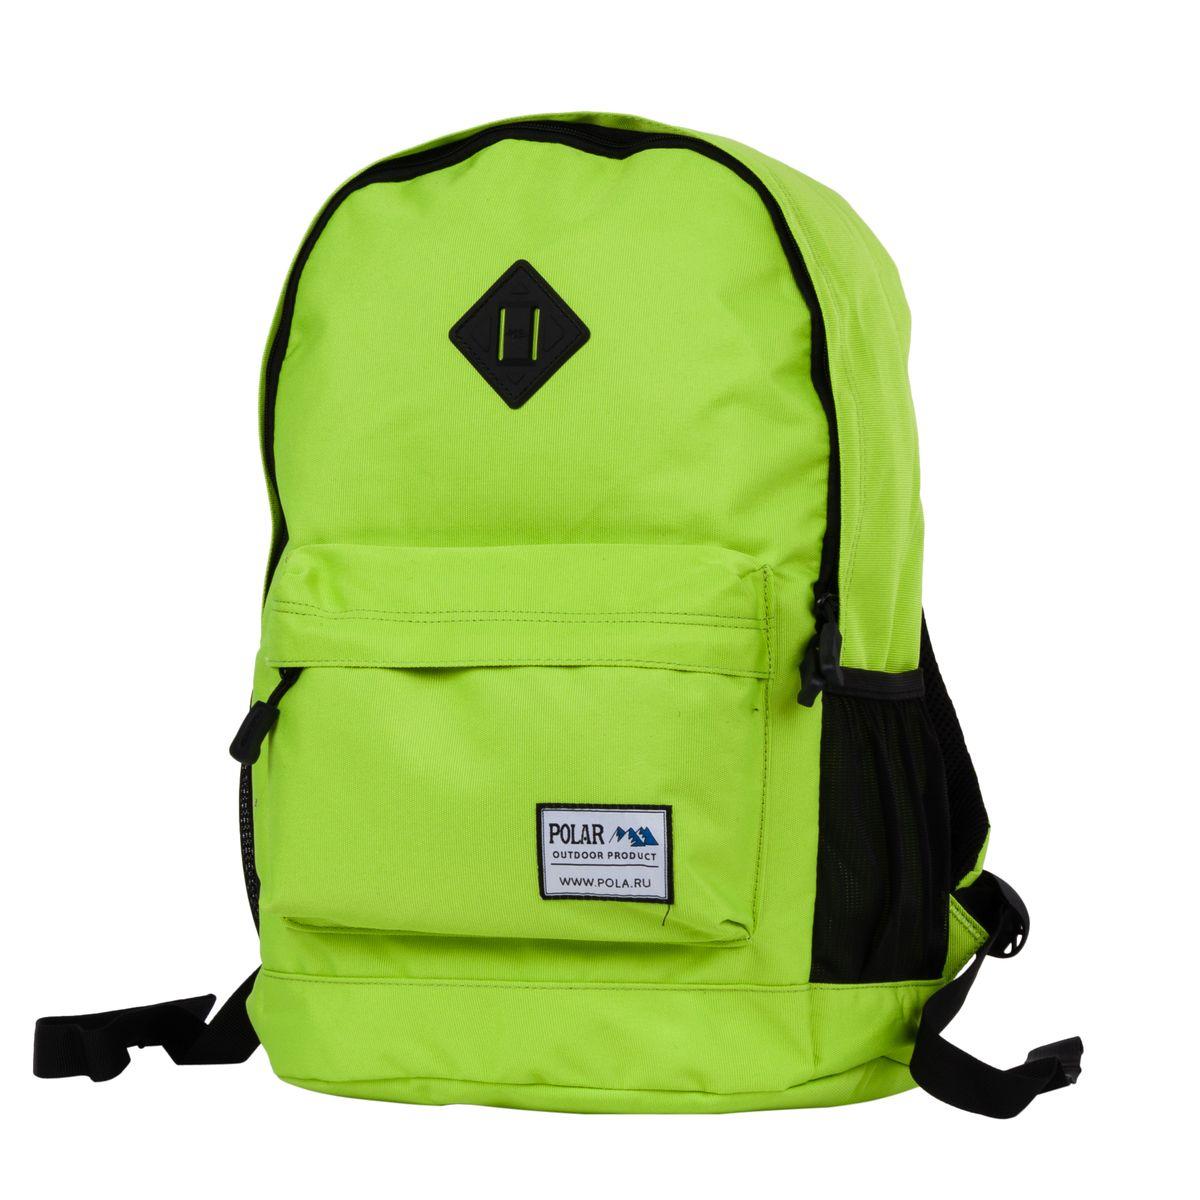 Рюкзак городской Polar, цвет: светло-зеленый, 22,5 л. 1500832388401Стильный городской рюкзак изготовлен из полиэстера. Рюкзак имеет одно отделение, которое закрывается на молнию. Внутри карман на молнии и отделение под планшет или ноутбук до 14. Спереди объемный карман для небольших предметов. По бокам два кармана из сетчатого материала на резинке. Удобная поролоновая спинка и лямки регулируемой длины с мягкой подкладкой обеспечивают больший комфорт при переноске.